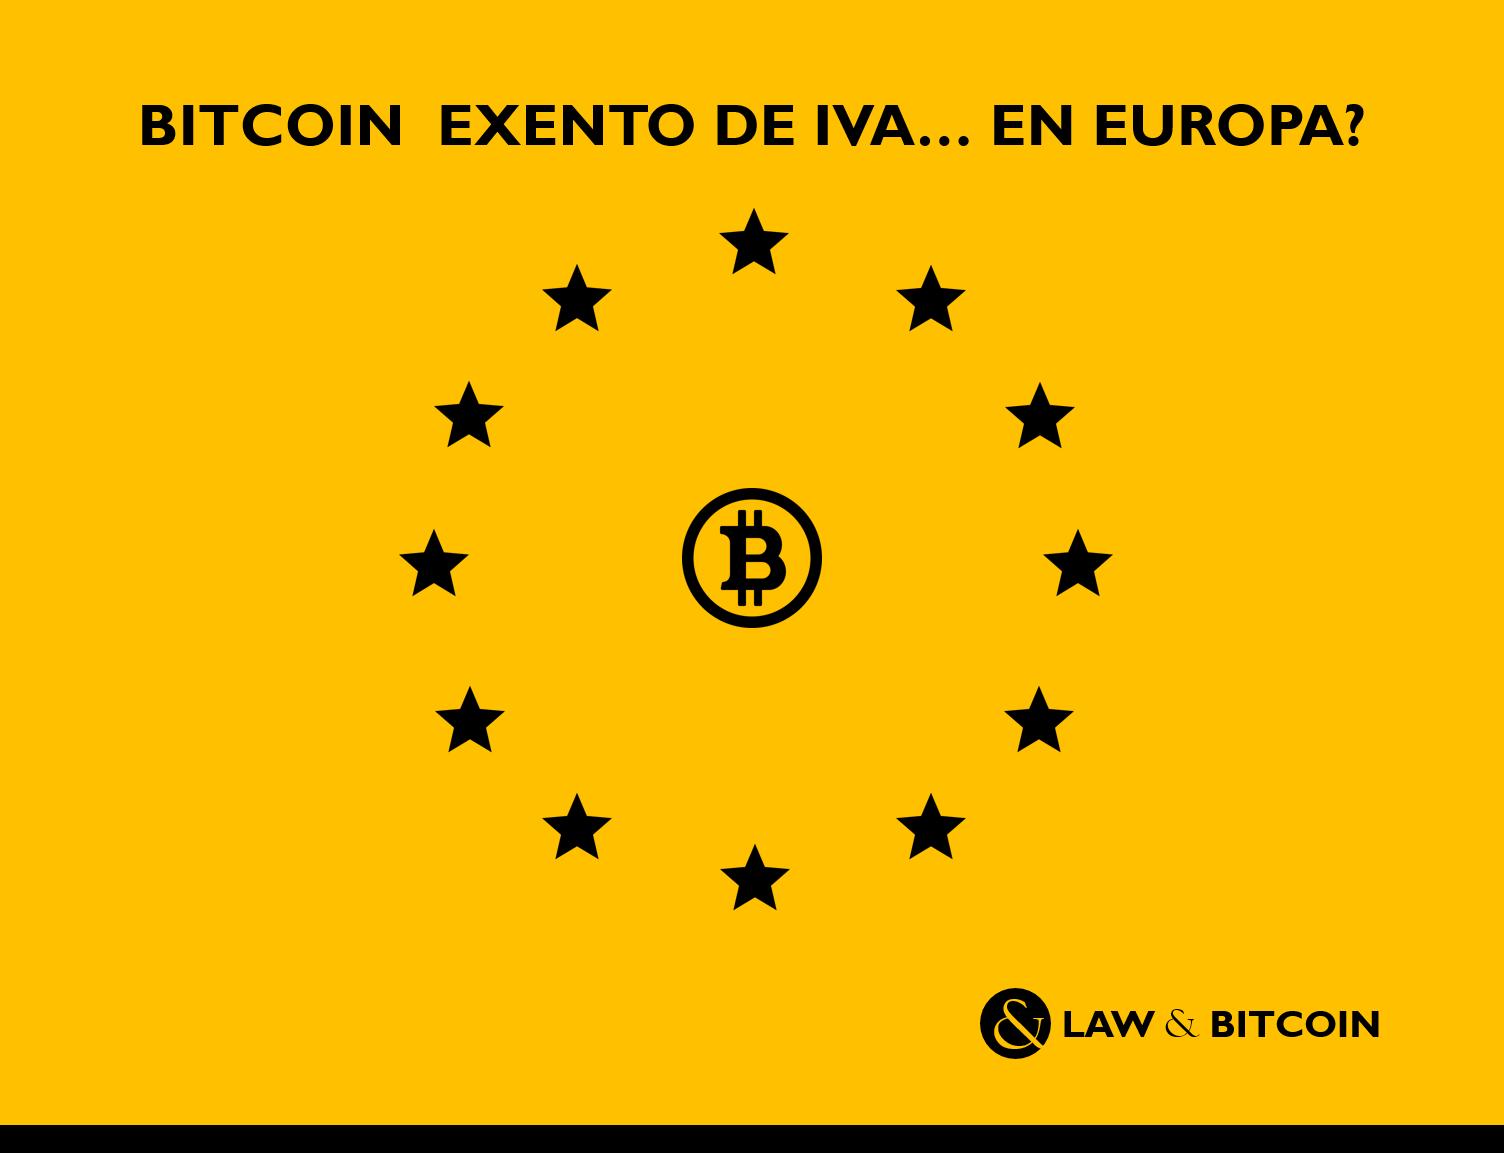 Bitcoin exento de IVA en Europa